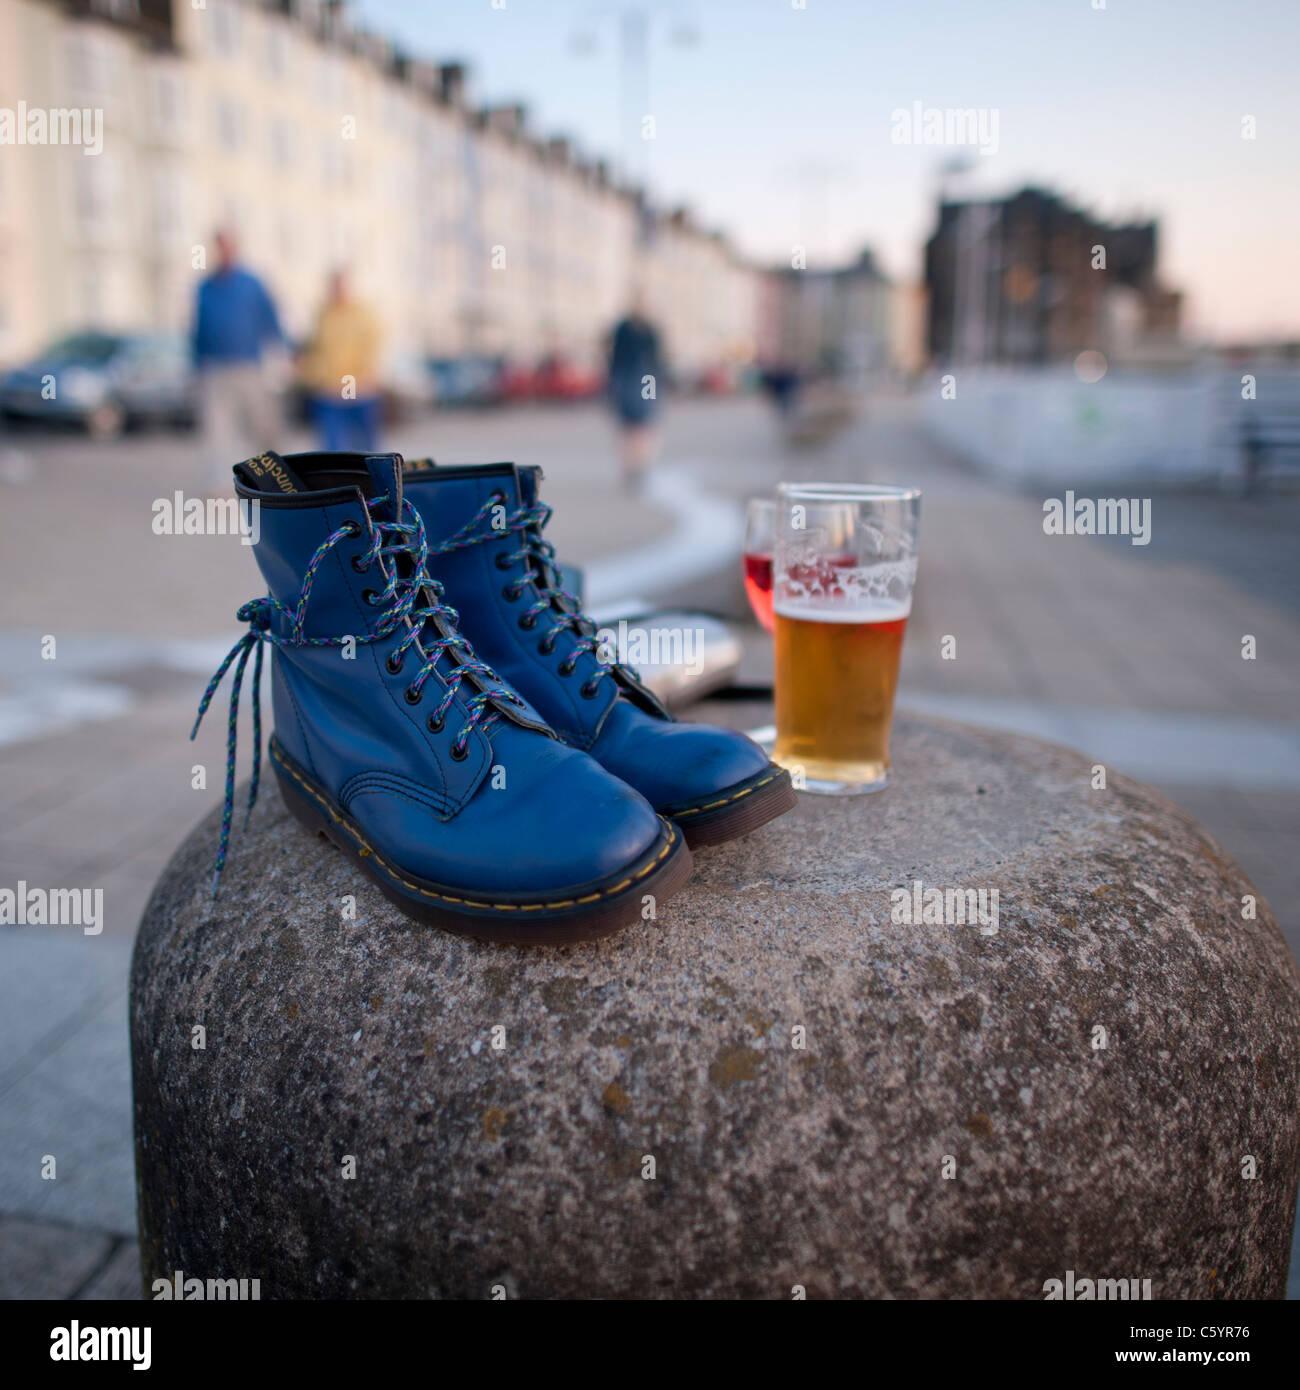 blue doc marten lace-up classic boots